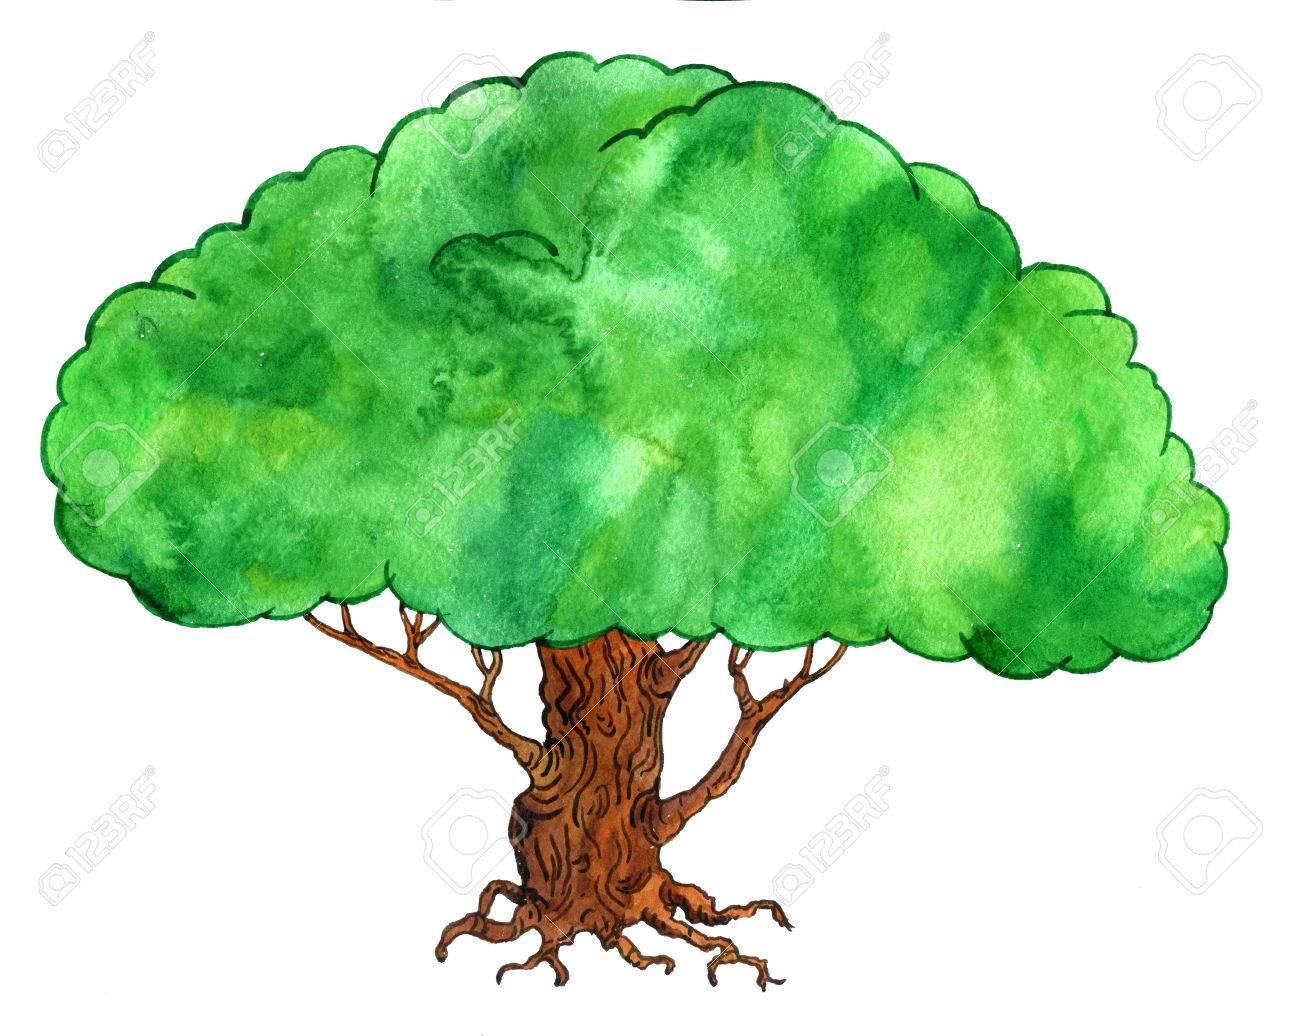 Oak Trees Clipart | Free download best Oak Trees Clipart on ...